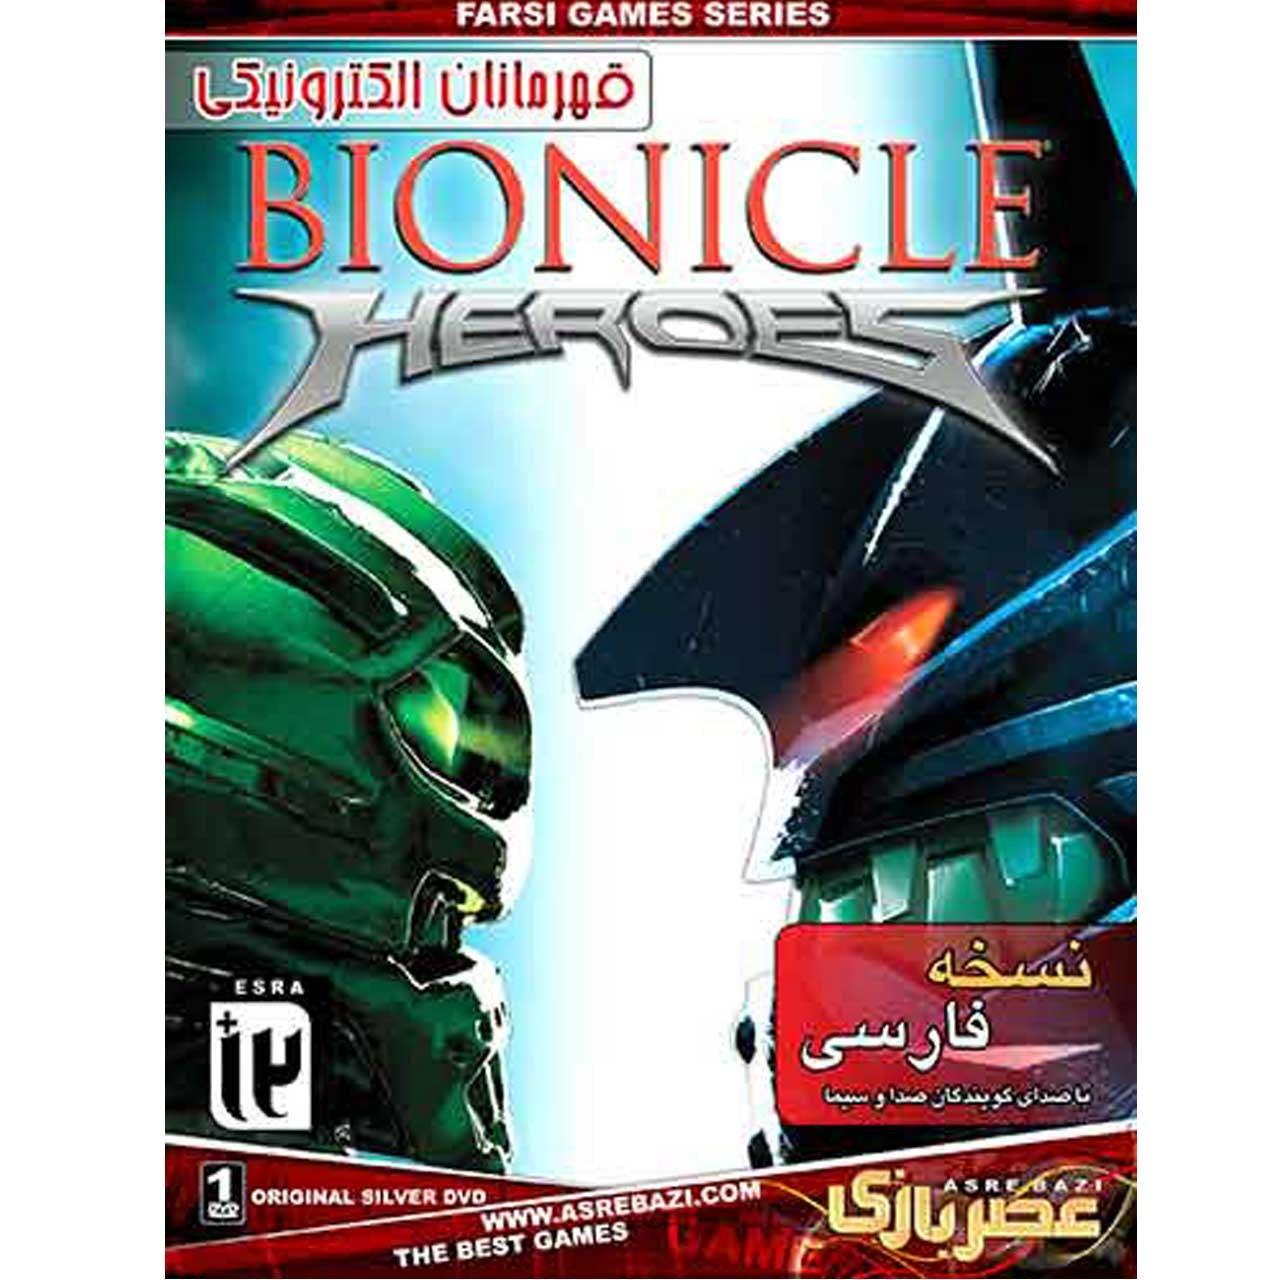 بازی BIONICLE HEROES مخصوص PC